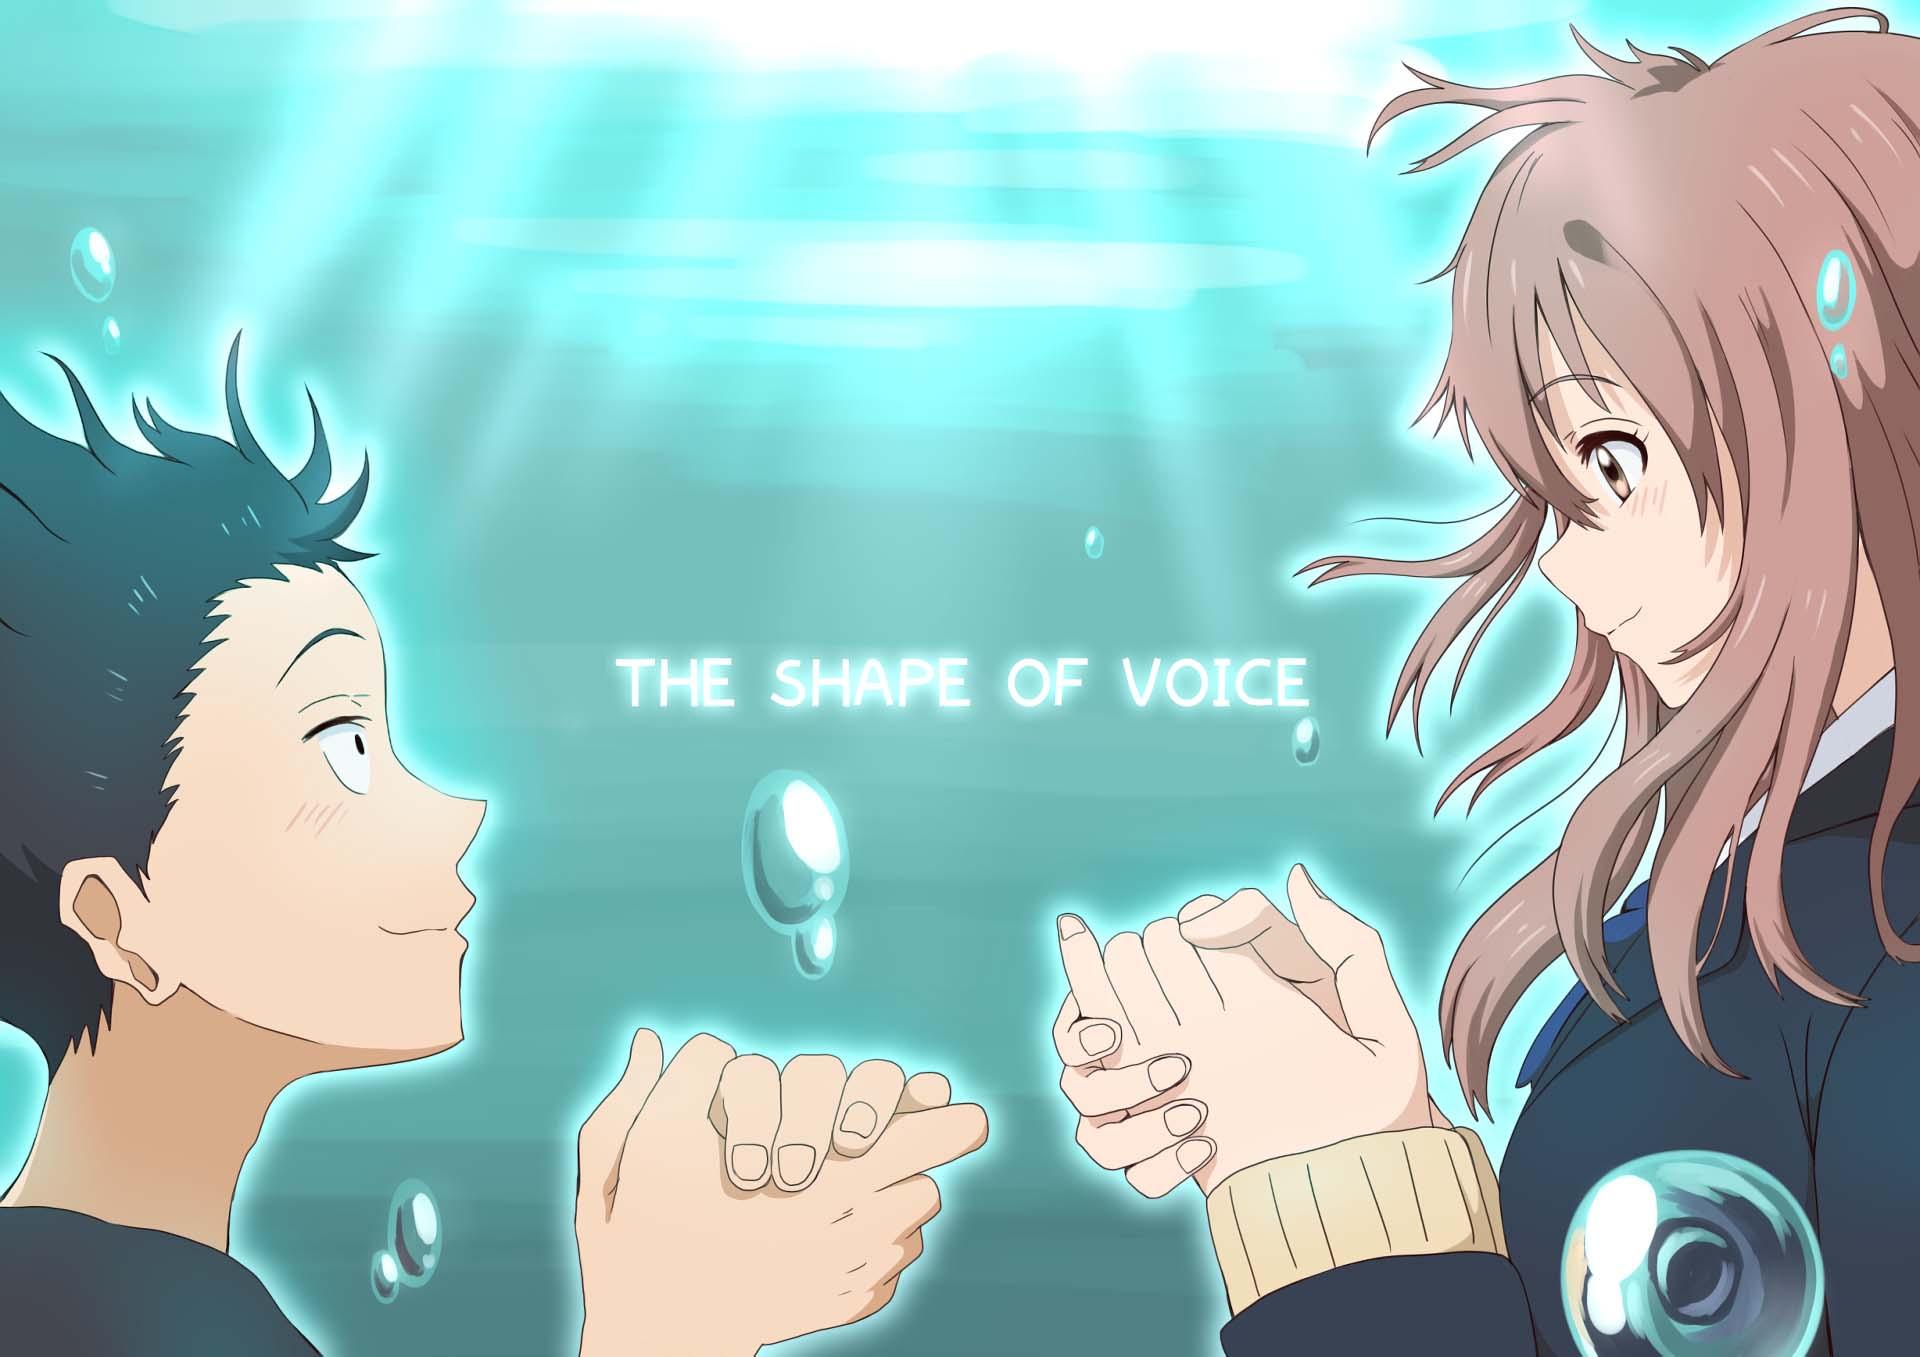 《声之形》动漫高清电脑壁纸(2)